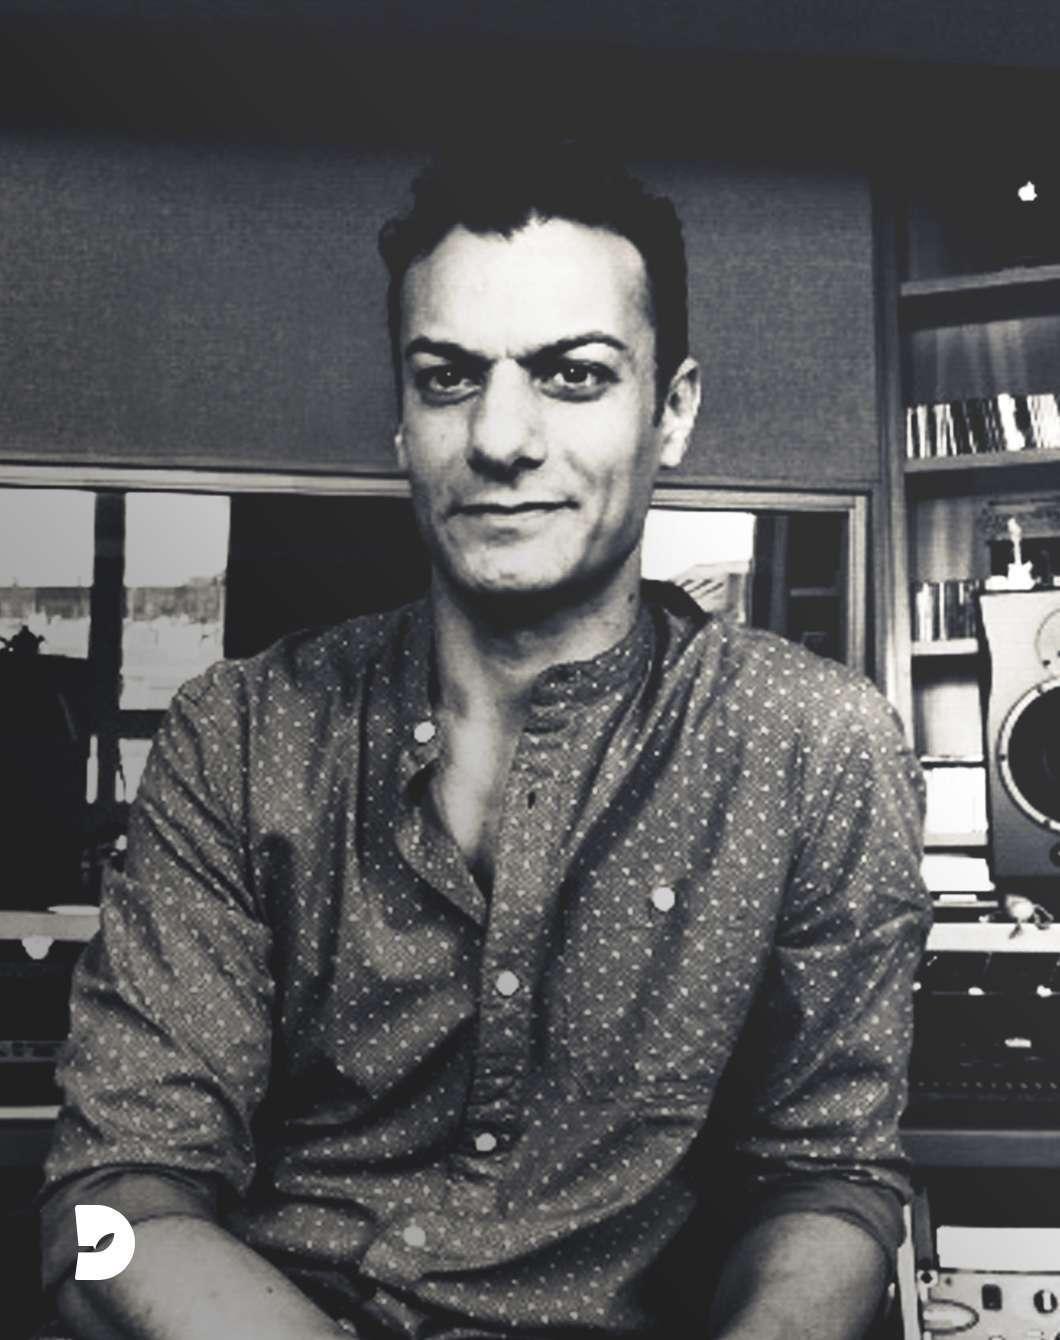 Antonio Dalì